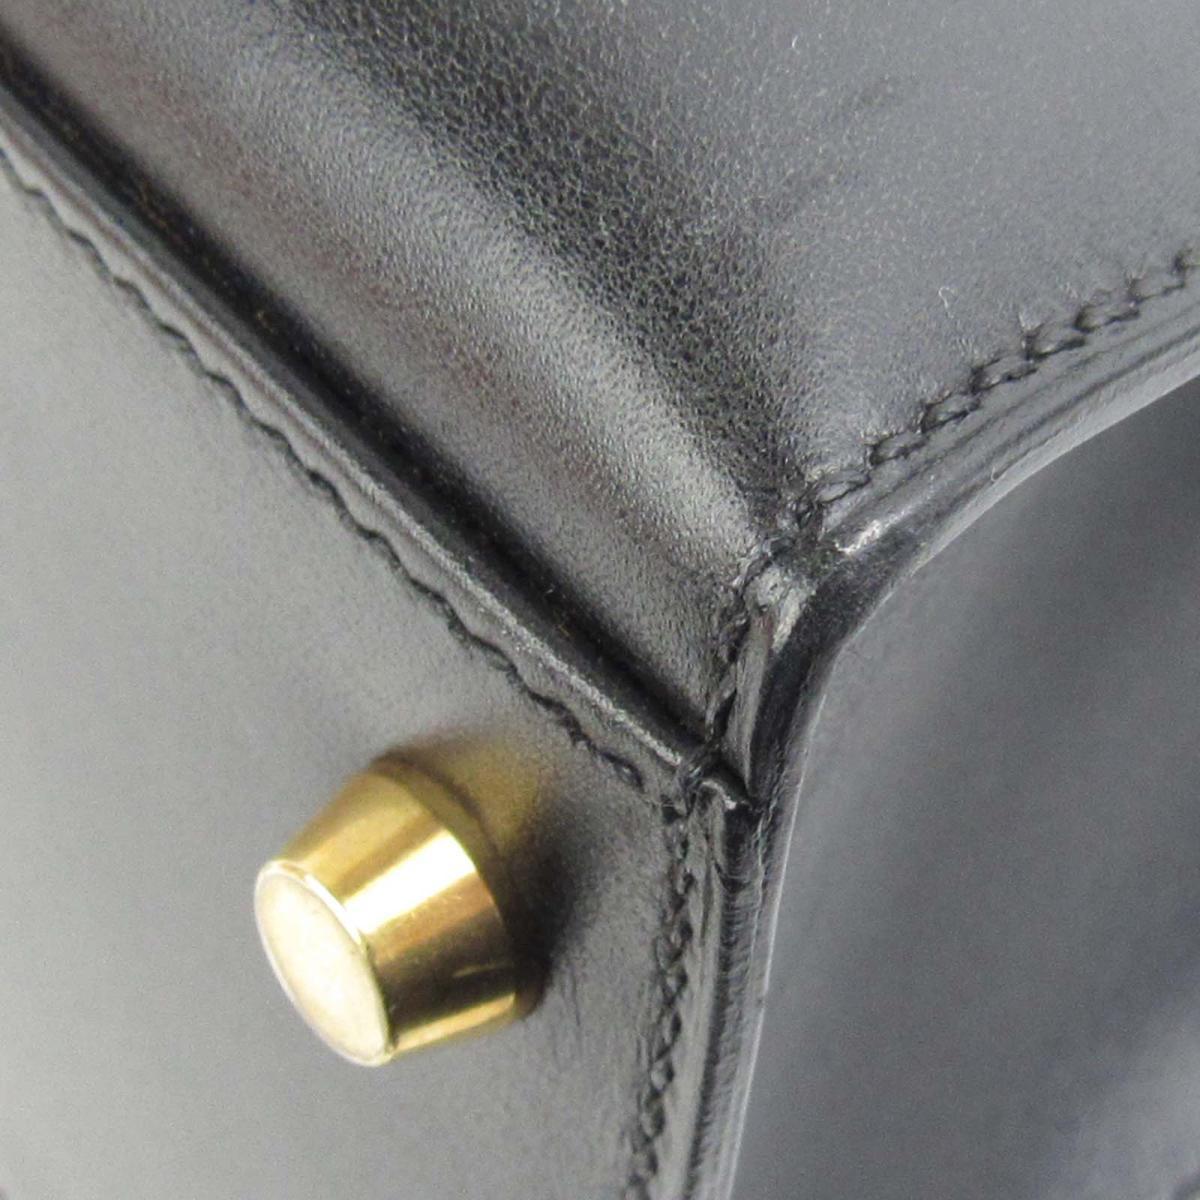 HERMES バッグ  【おすすめ!】ケリー32 (外縫い)/2wayバッグ/フォーマル